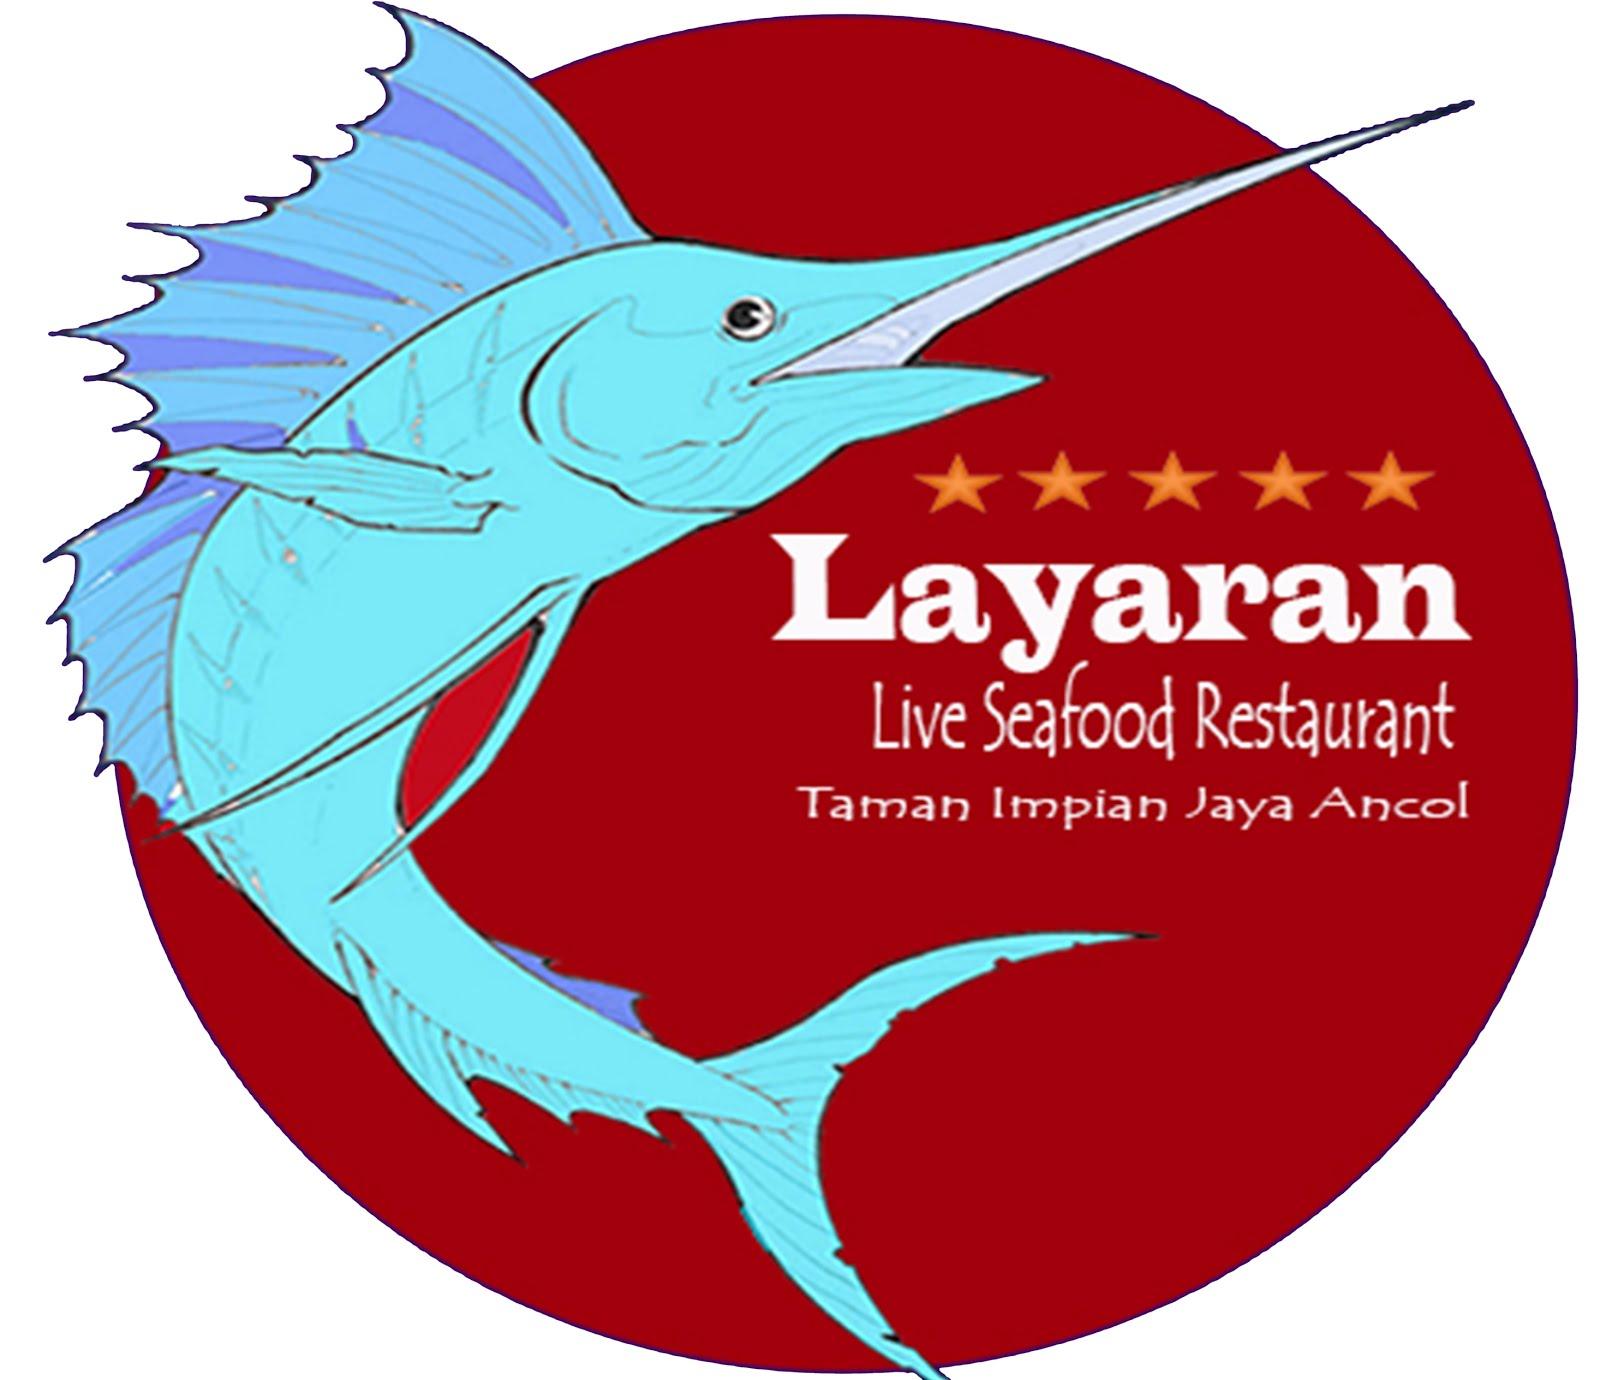 Layaran Indonesia